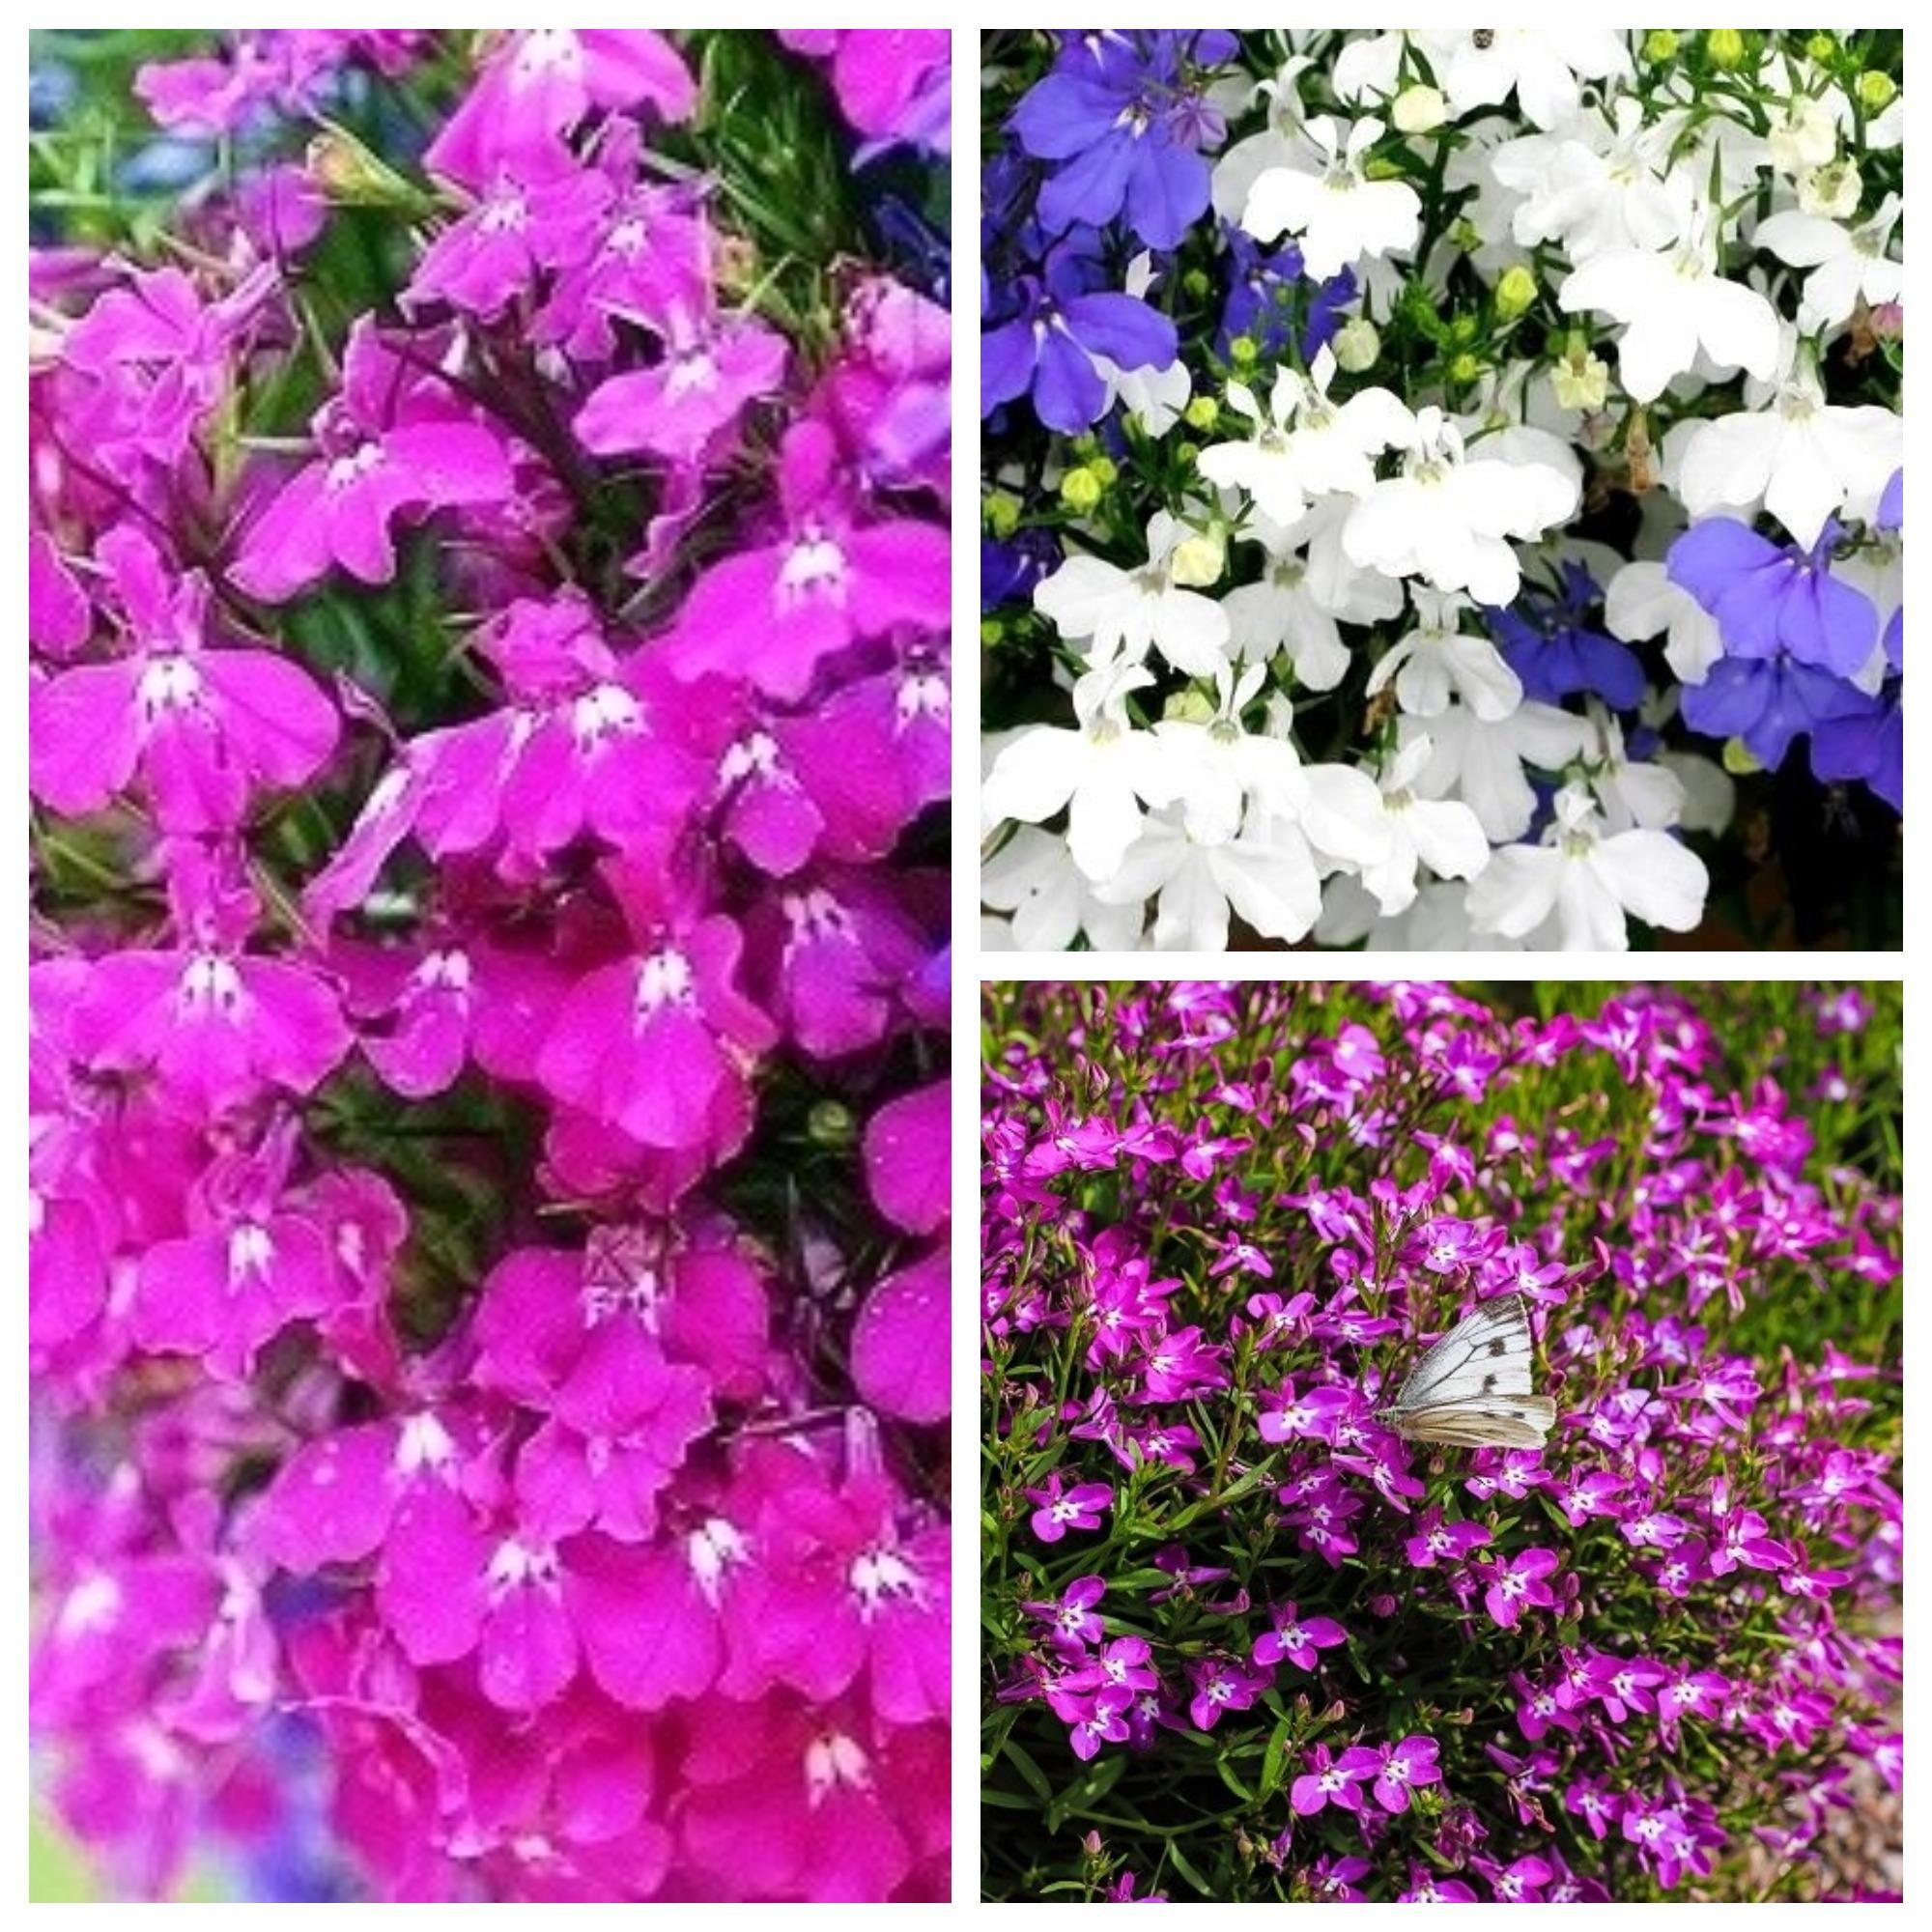 Lobelia Seeds Of 3 Flowering Plants Varieties Garden Seeds